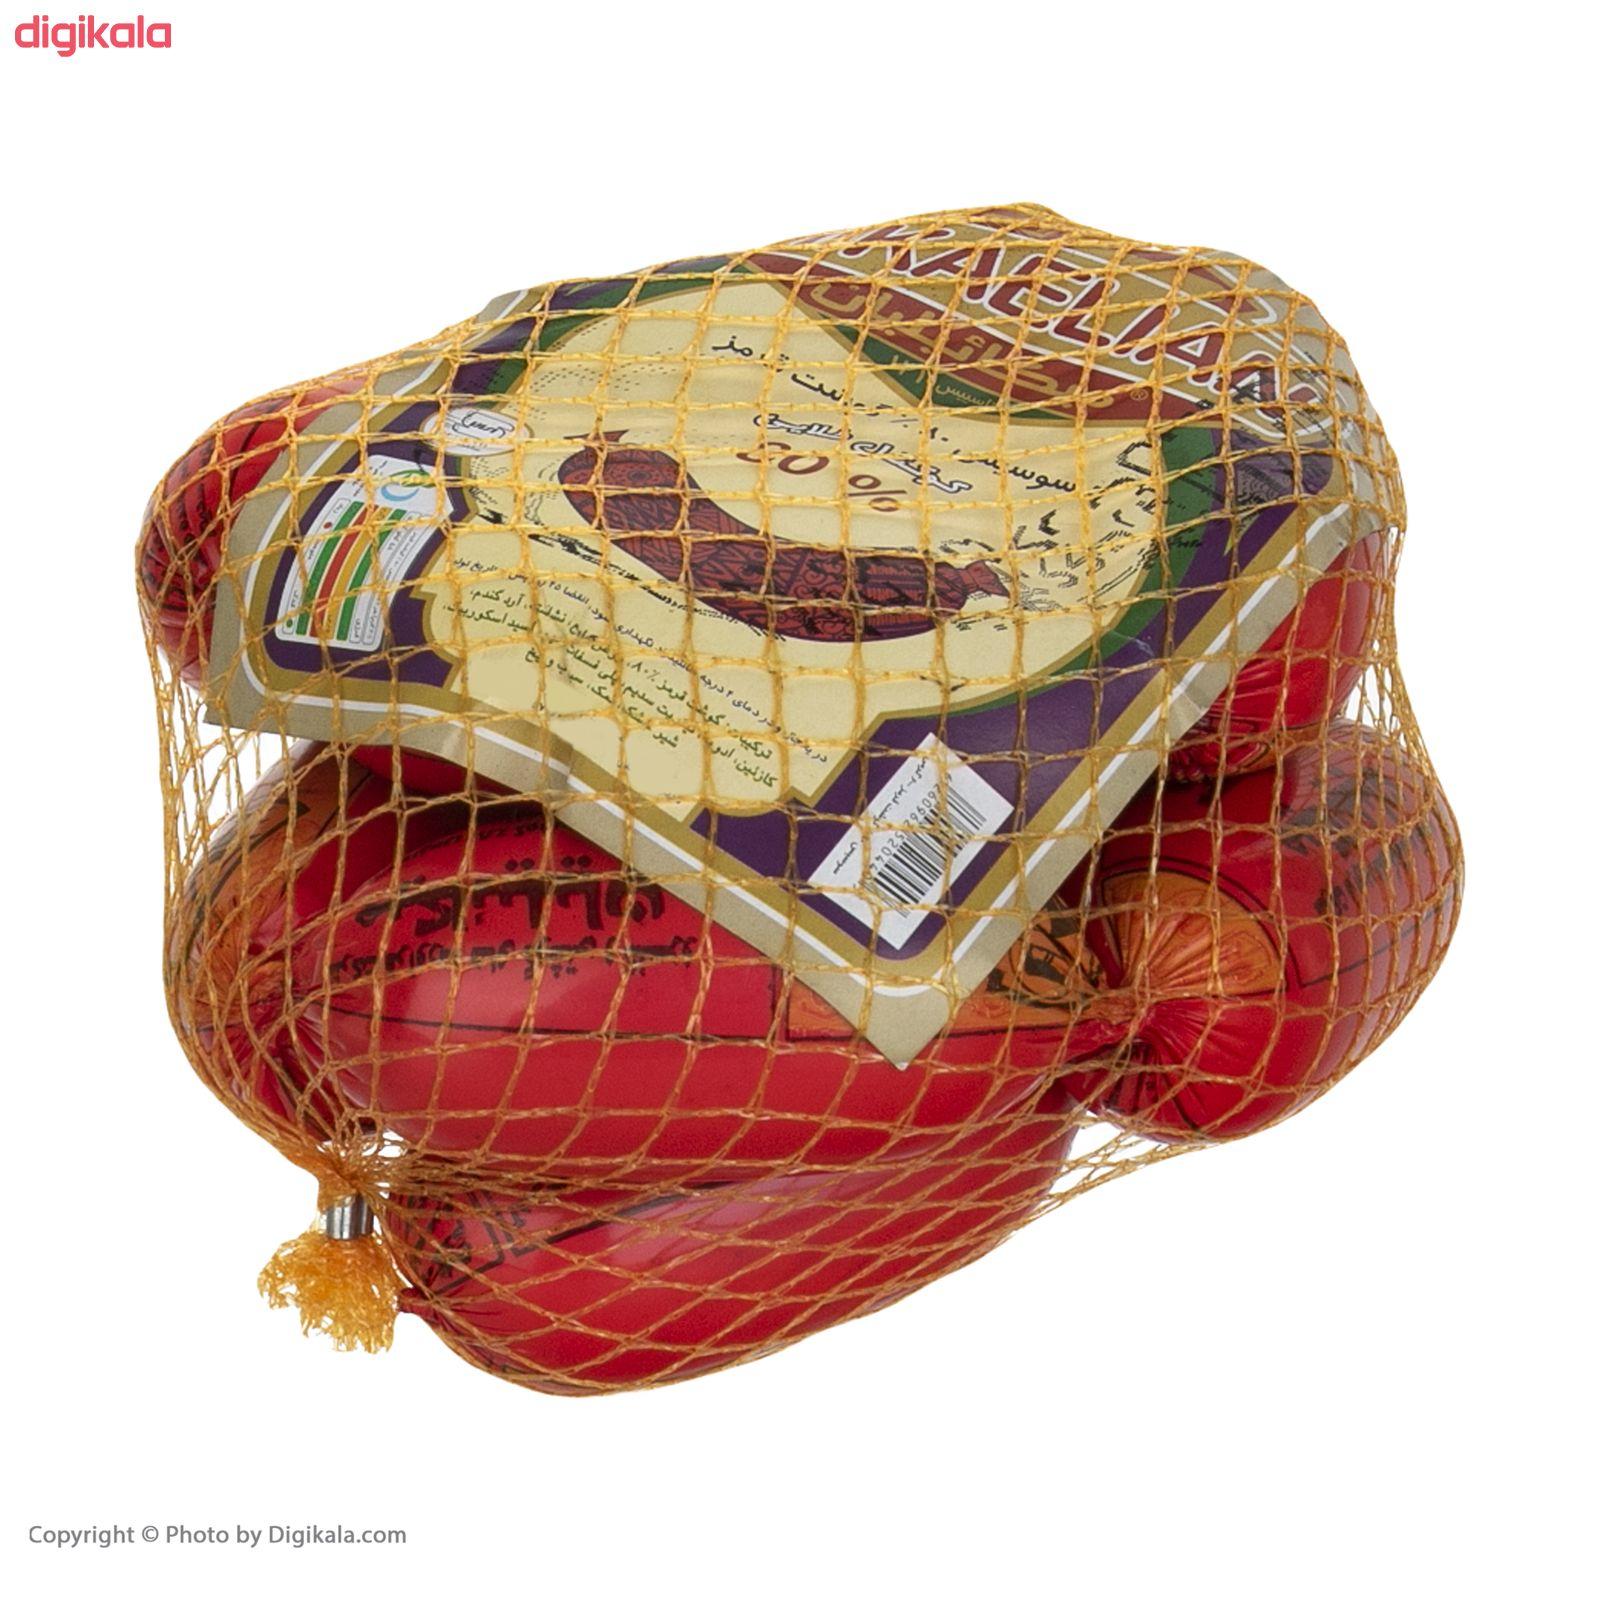 کوکتل طلایی گوشت قرمز 80% میکائیلیان مقدار 600 گرم main 1 2